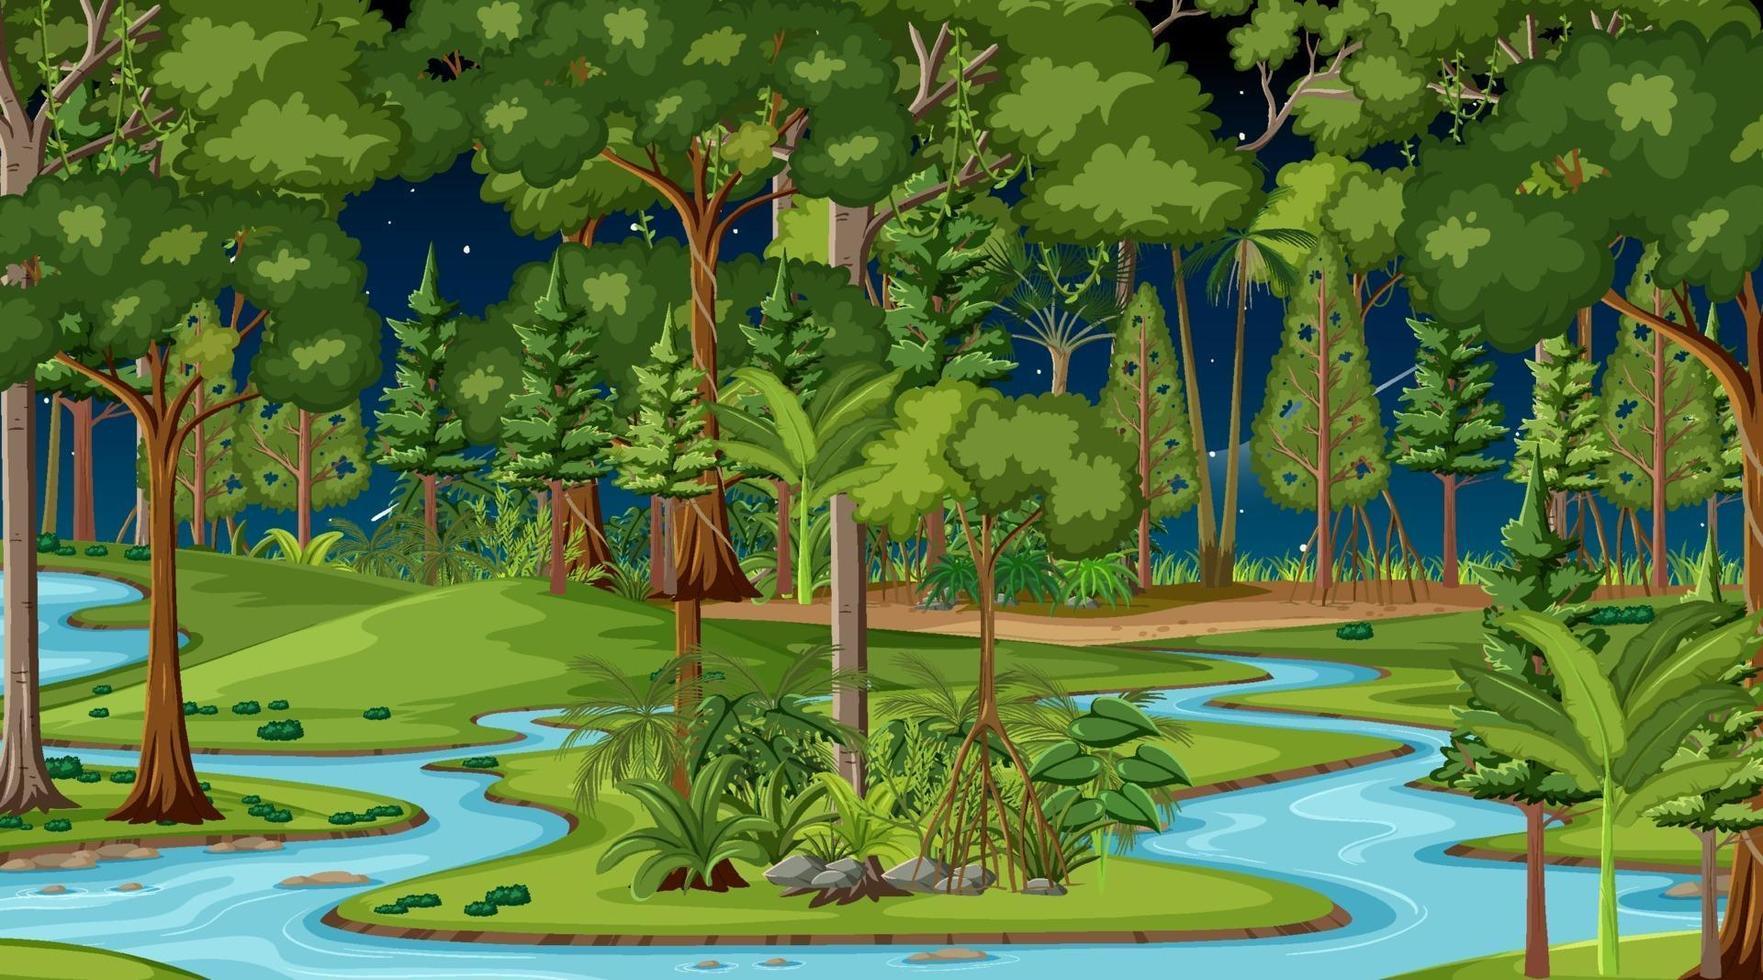 fiume scorre attraverso la scena della foresta di notte vettore